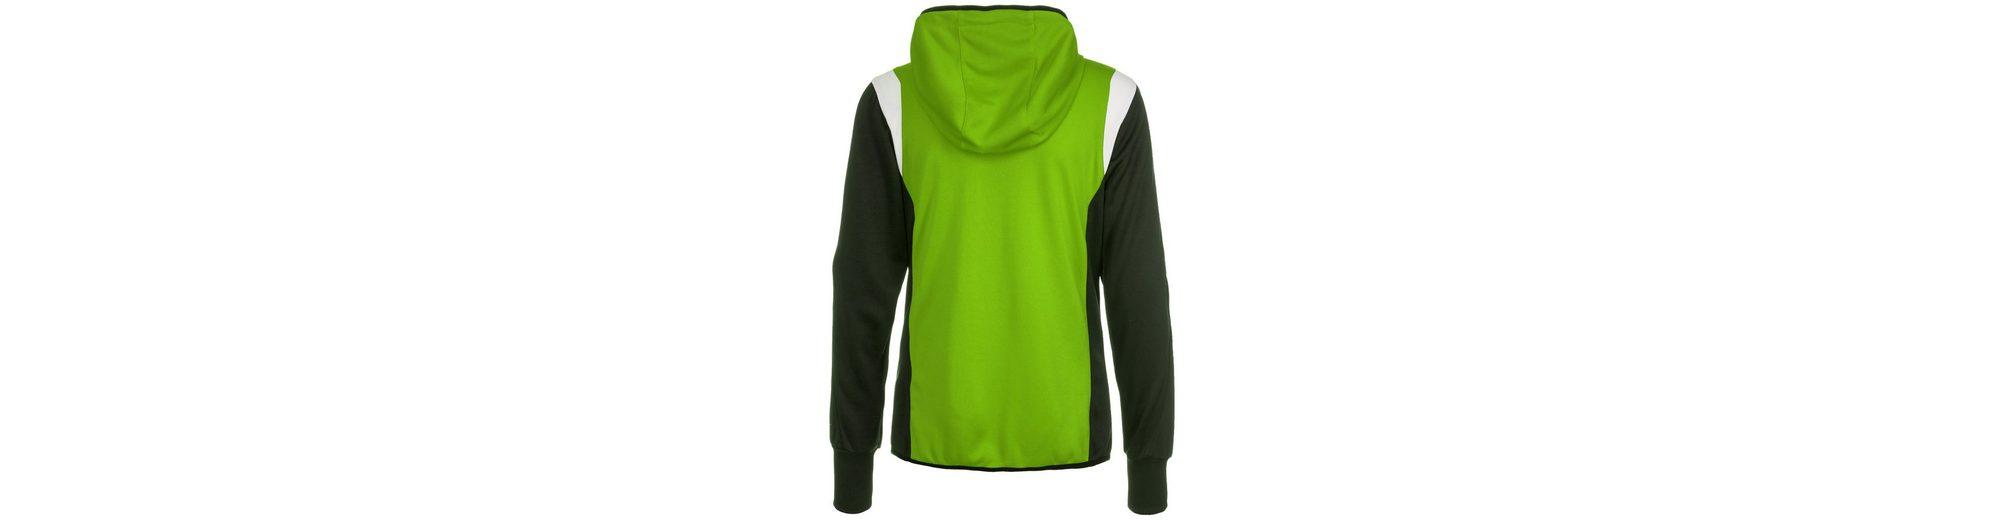 ERIMA Premium One Trainingsjacke mit Kapuze Damen Kaufen Billig Authentisch Bilder Verkaufsqualität rq9EGGlJz